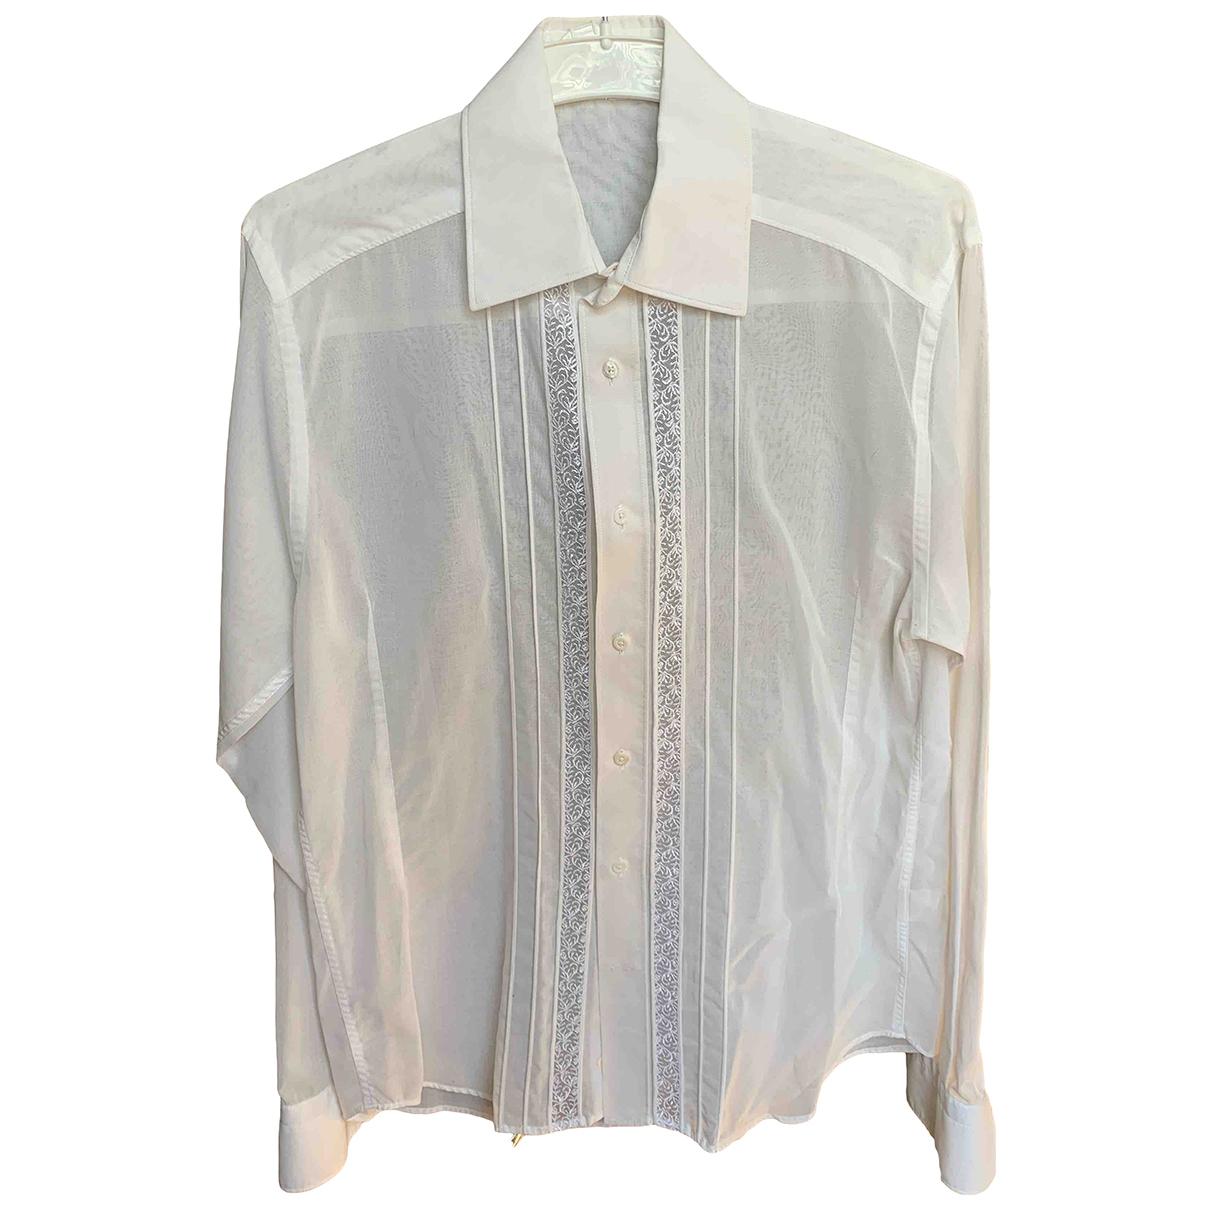 Paul & Joe \N Hemden in  Weiss Baumwolle